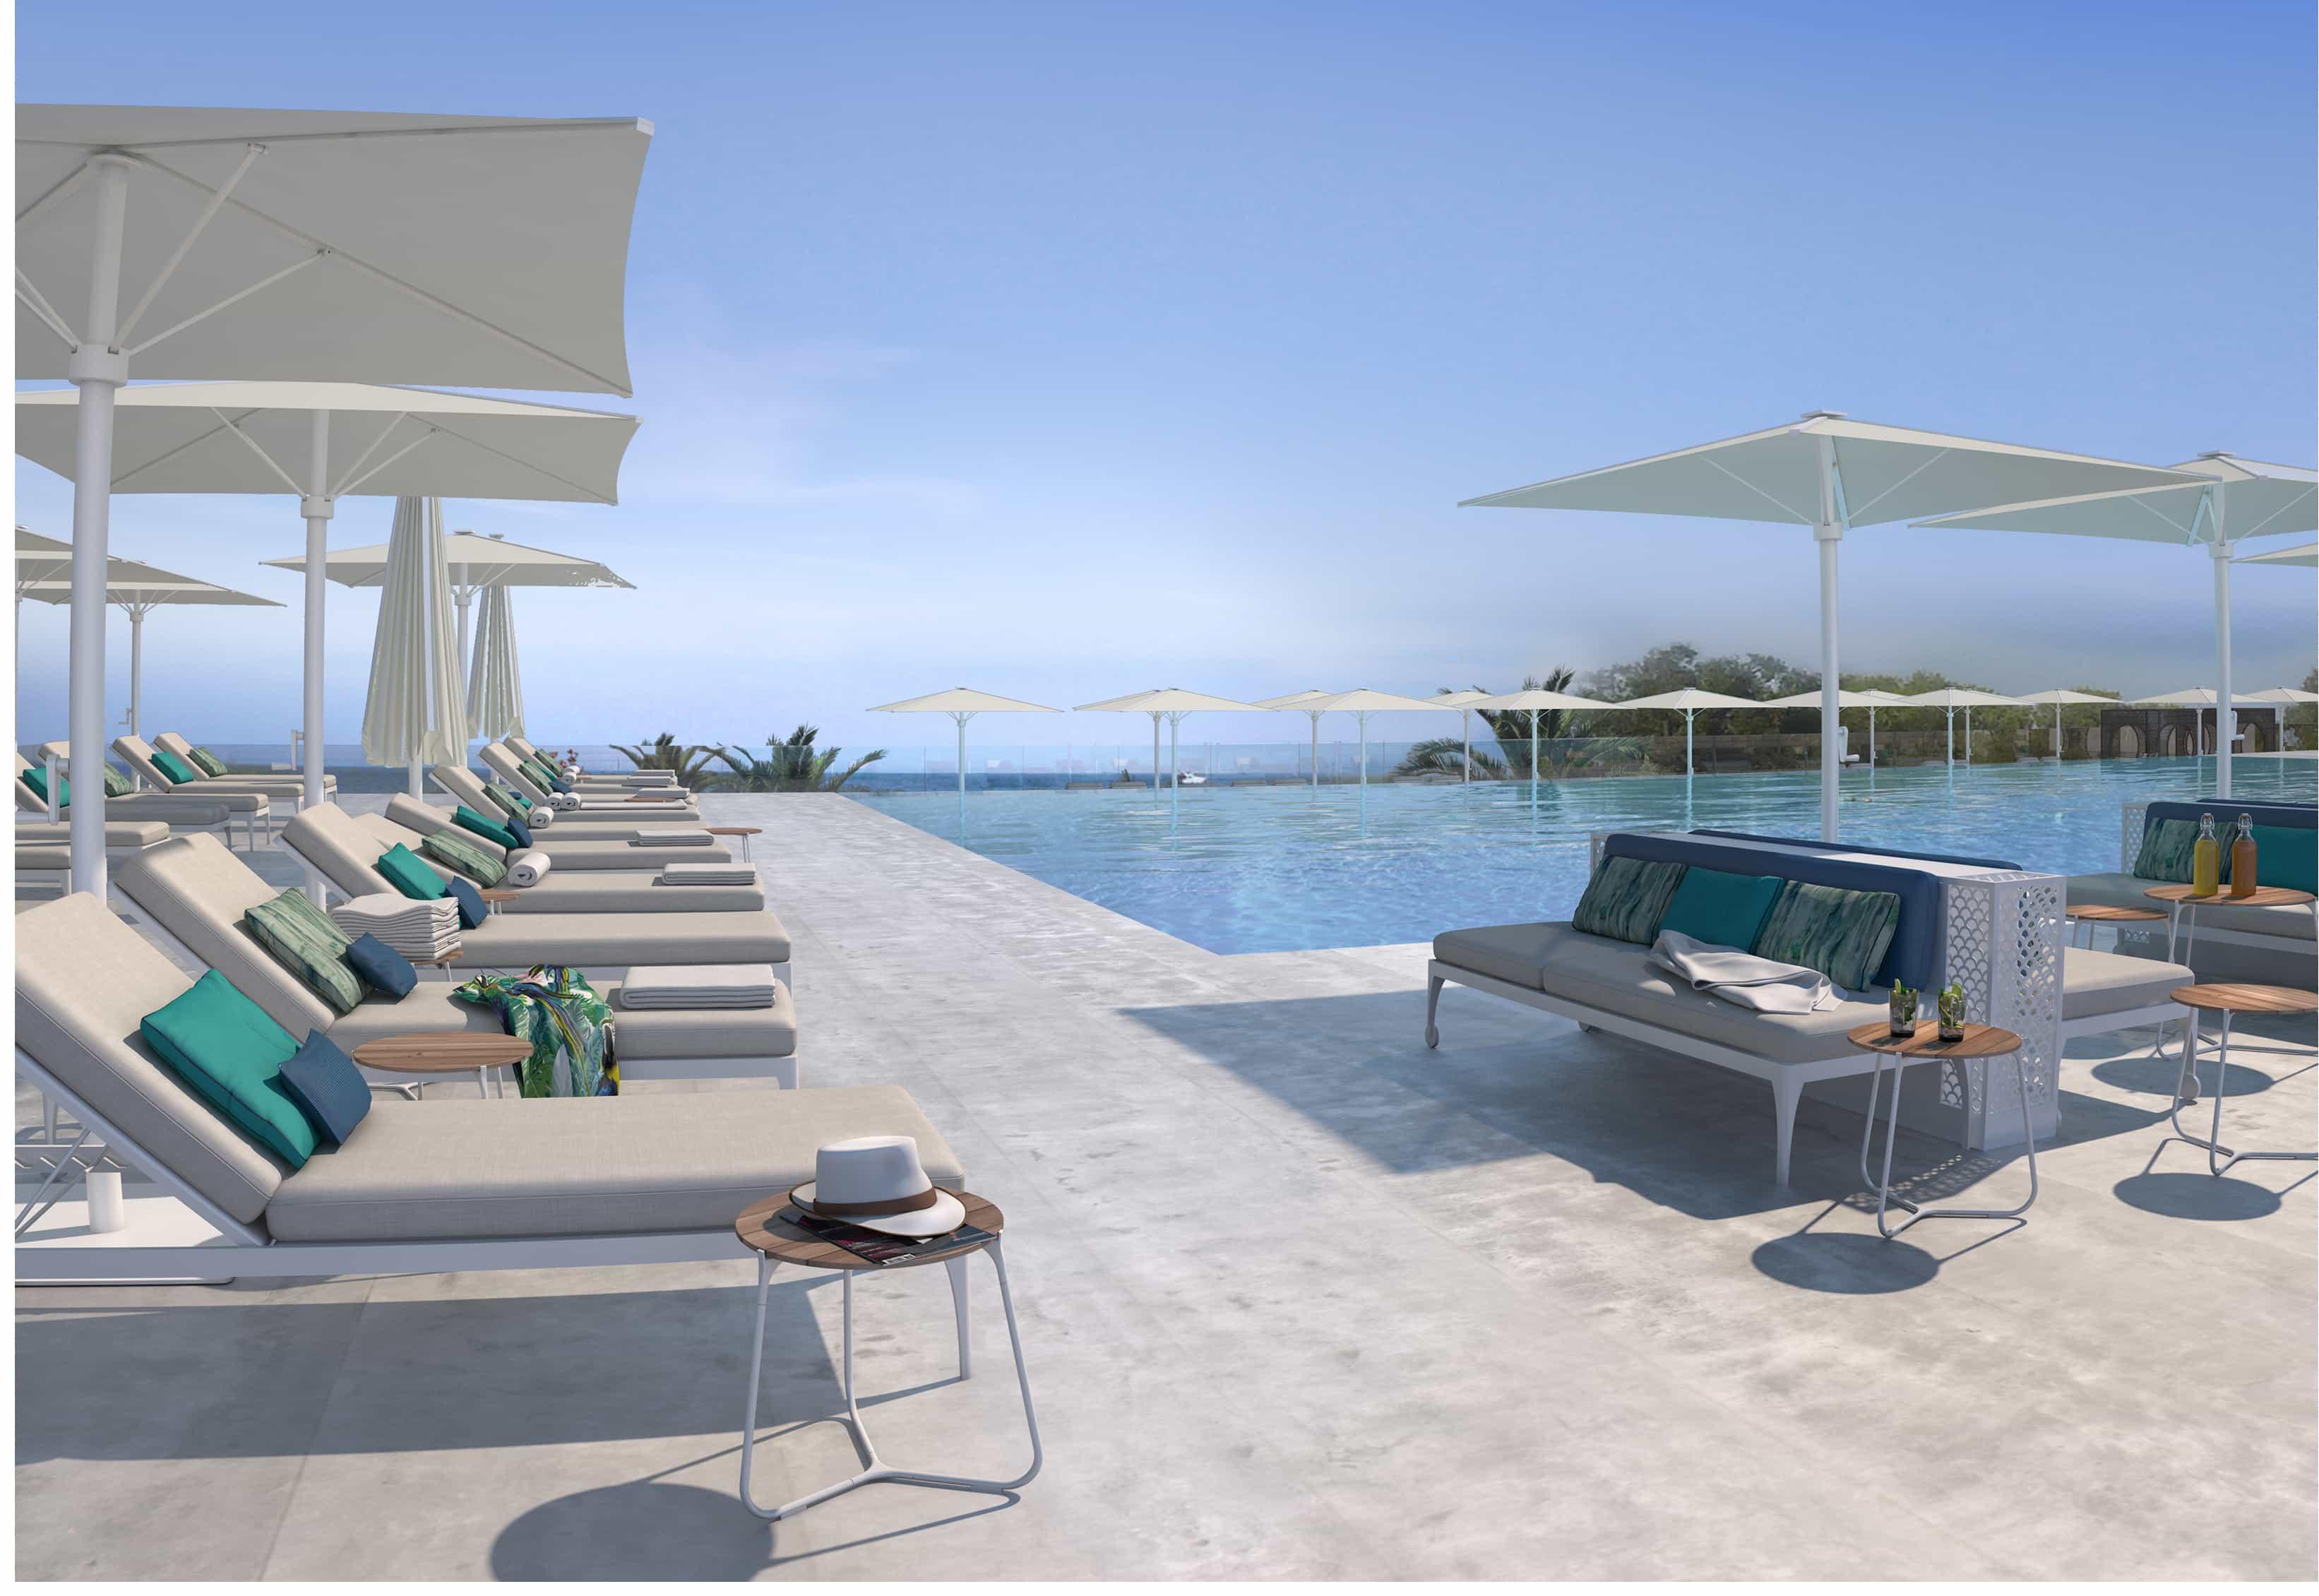 Club Med Cefalu Sicily